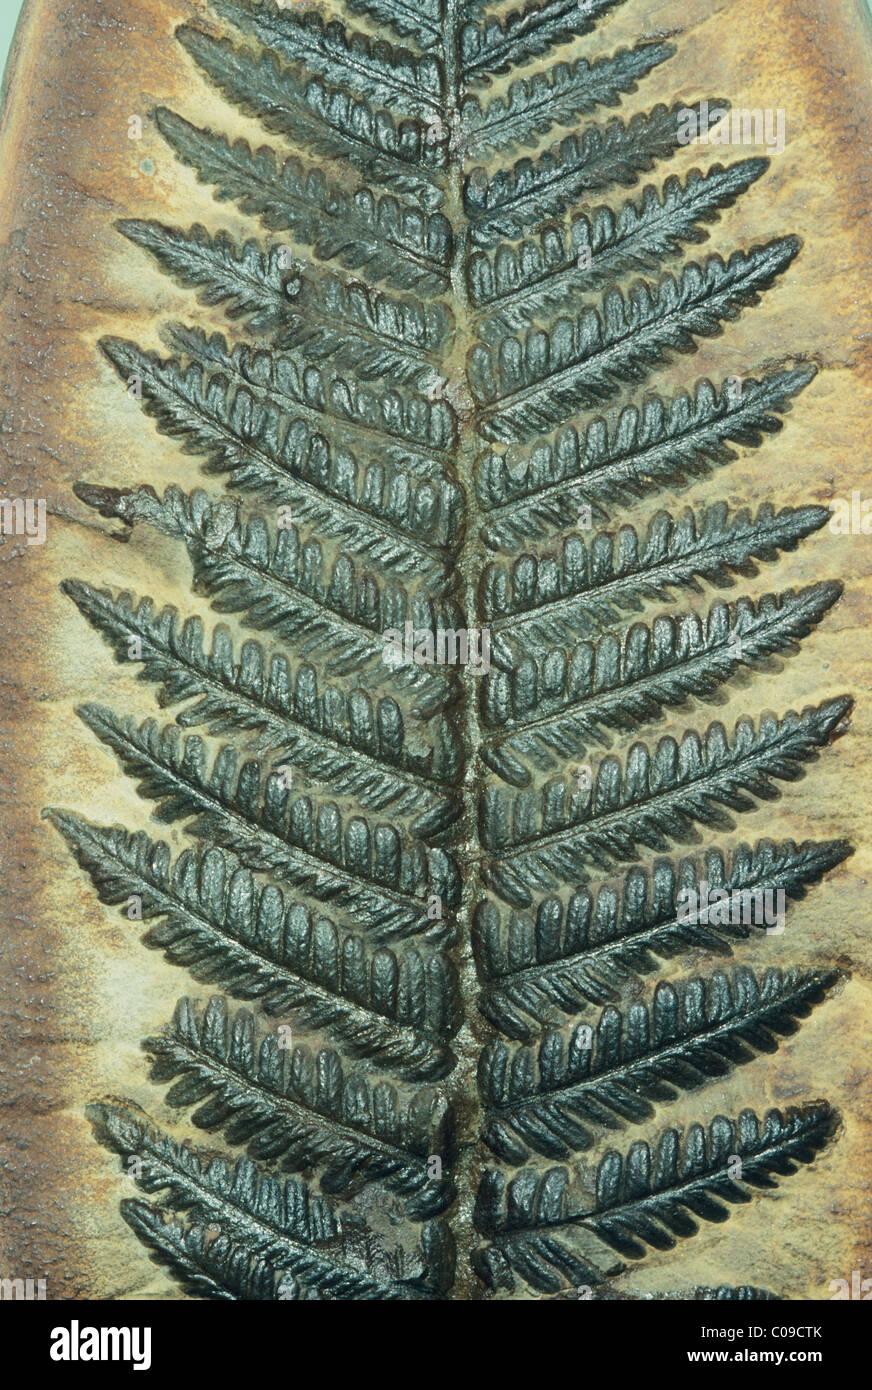 Fougère fossile, (Pecoptens Carbonifère sp.) Photo Stock